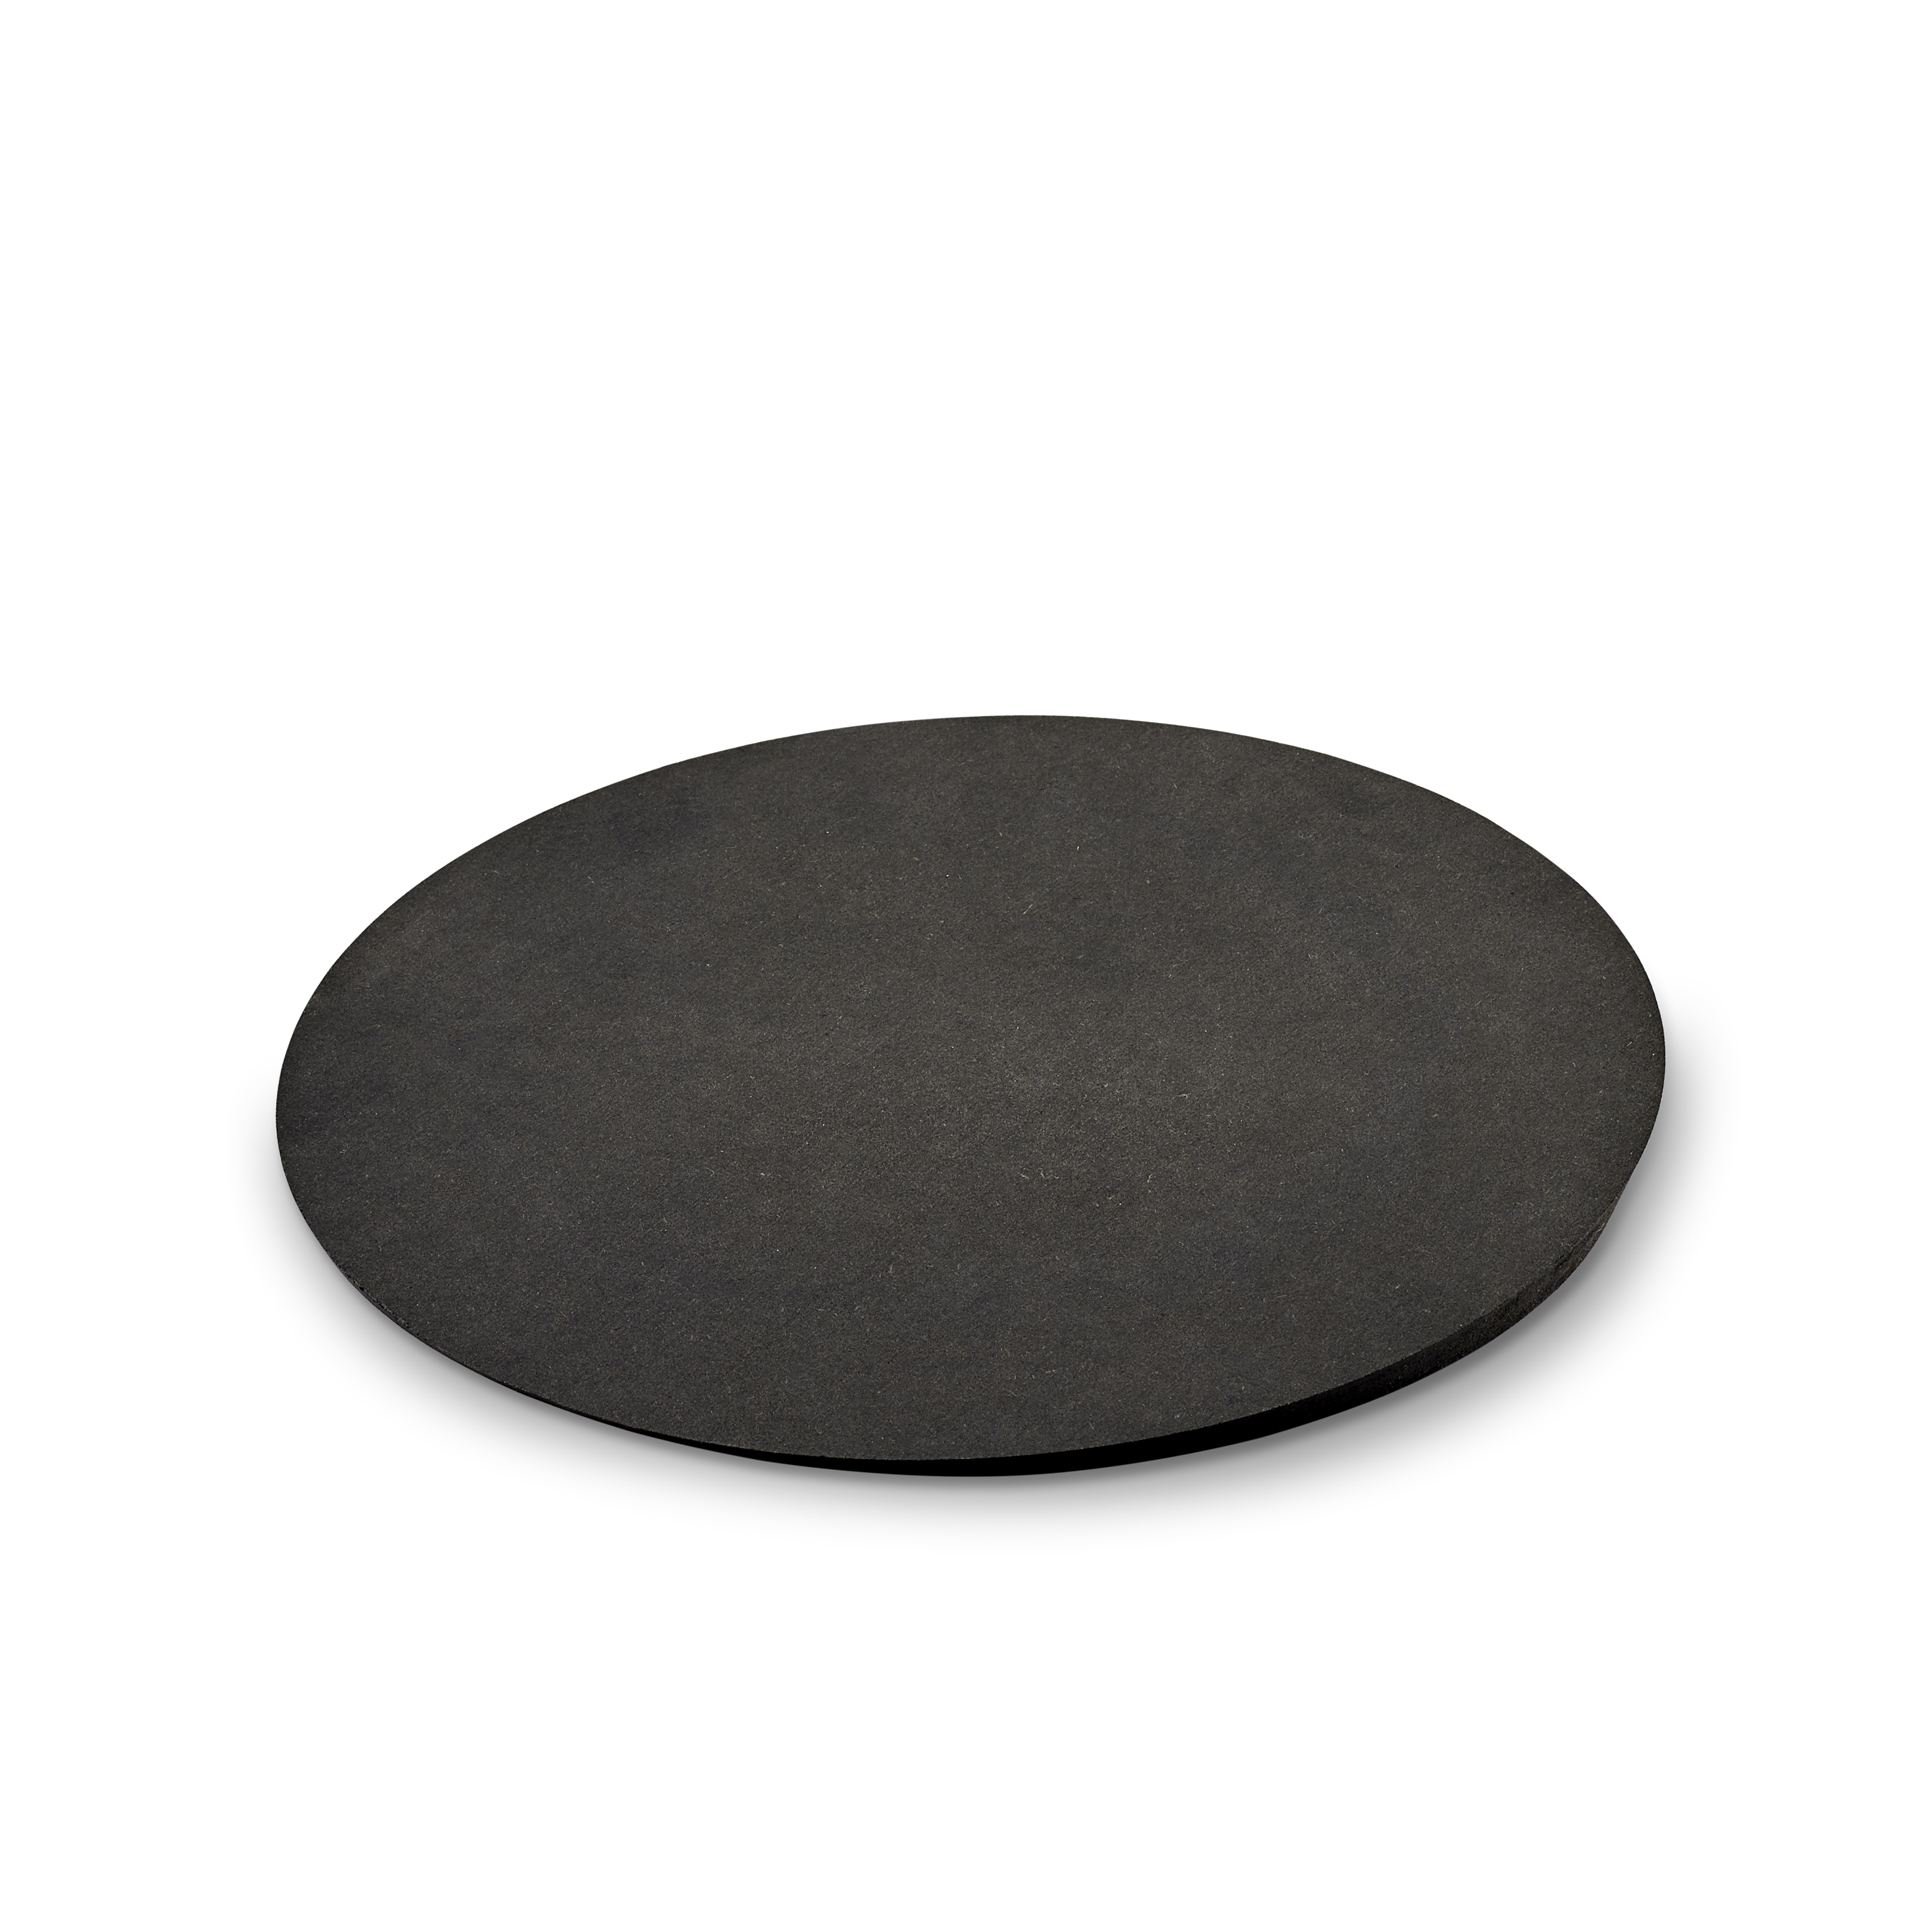 SPOT Holzdisplay Kette groß, schwarz